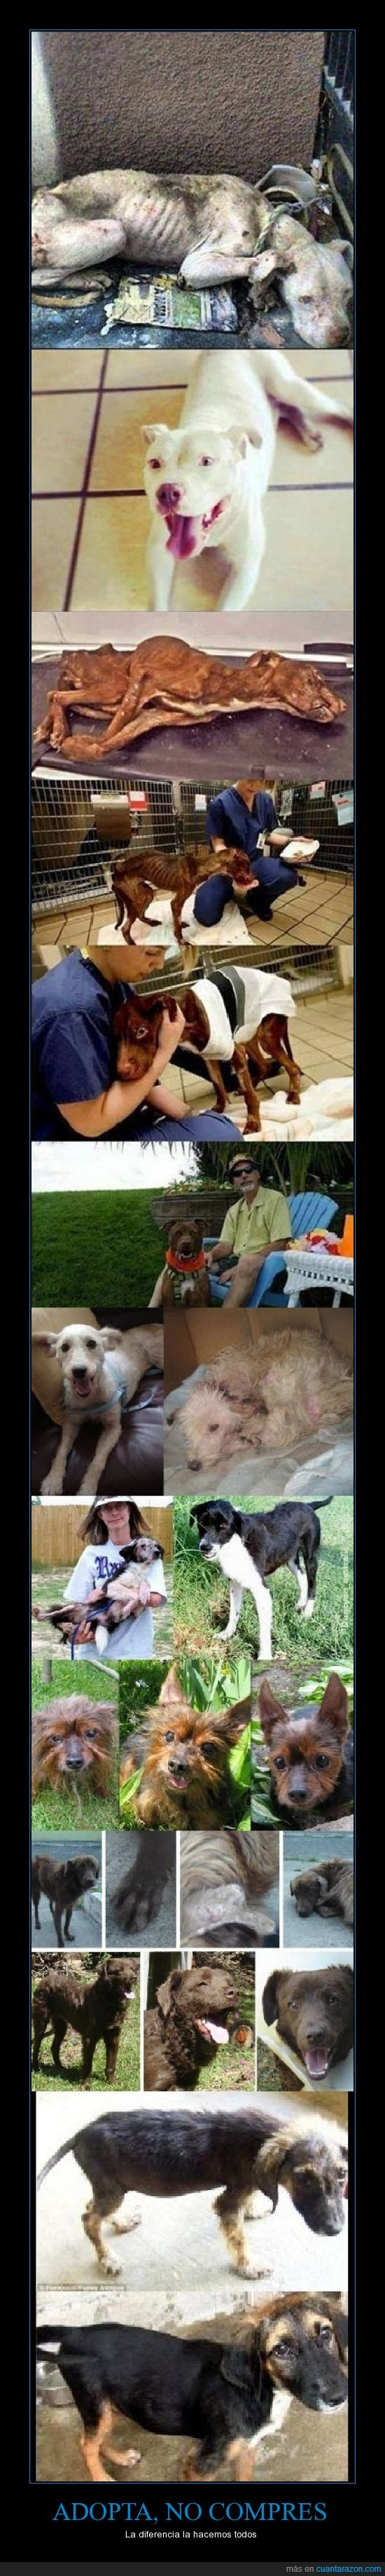 Adoptar,antes y despues,comprar,perros,rescatados,todos